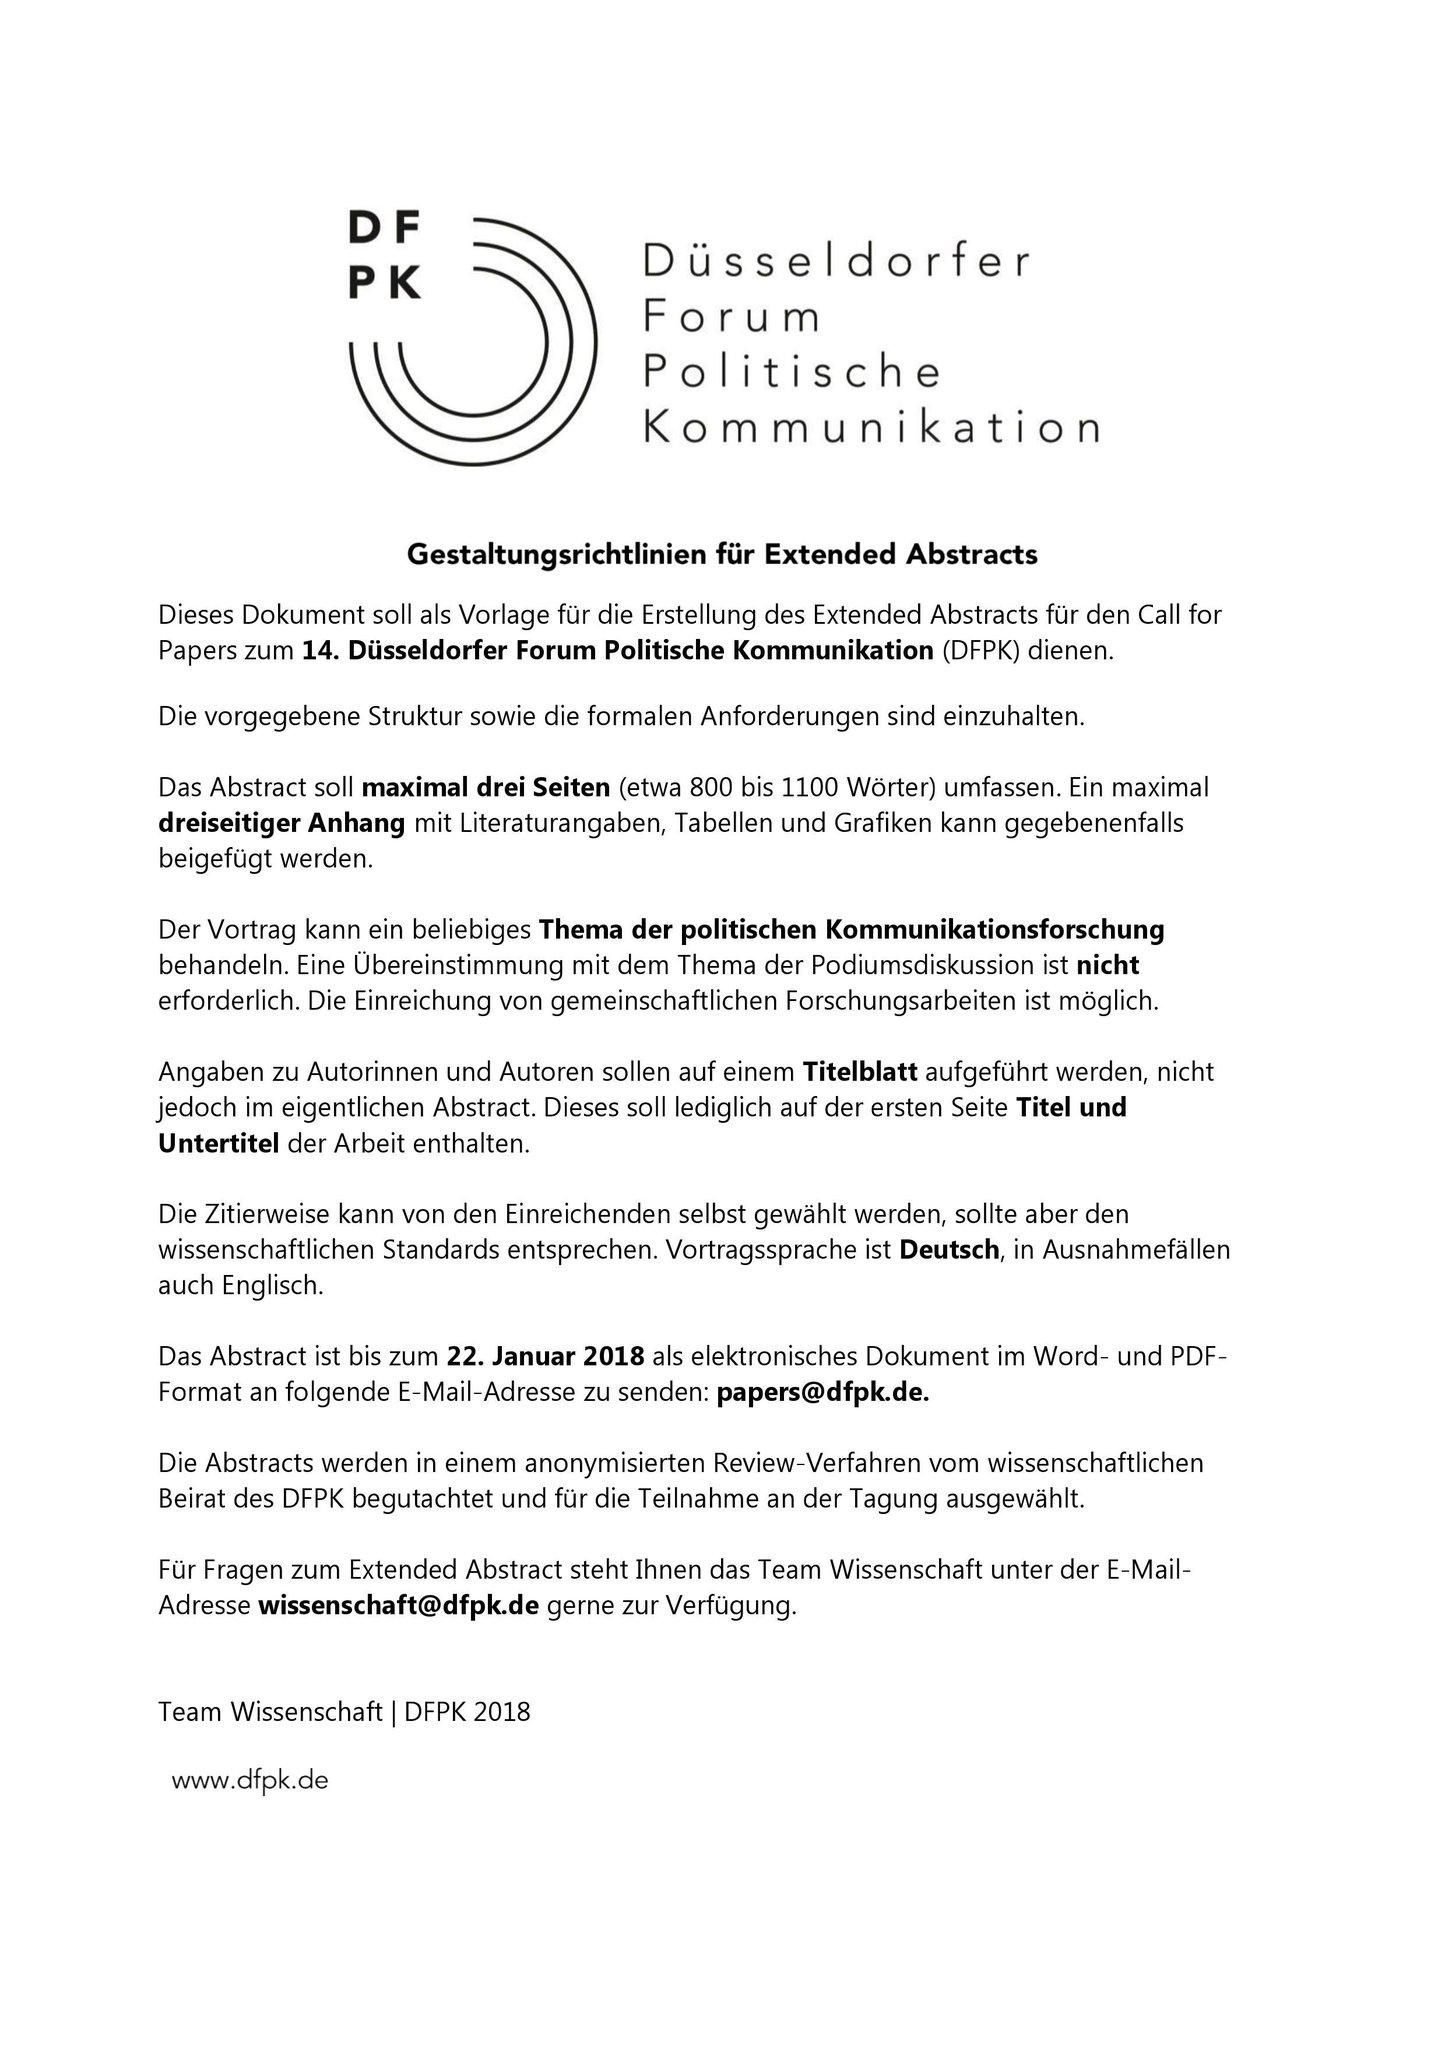 Tolle Vorlagen Für Forschungsarbeiten Galerie - Entry Level Resume ...